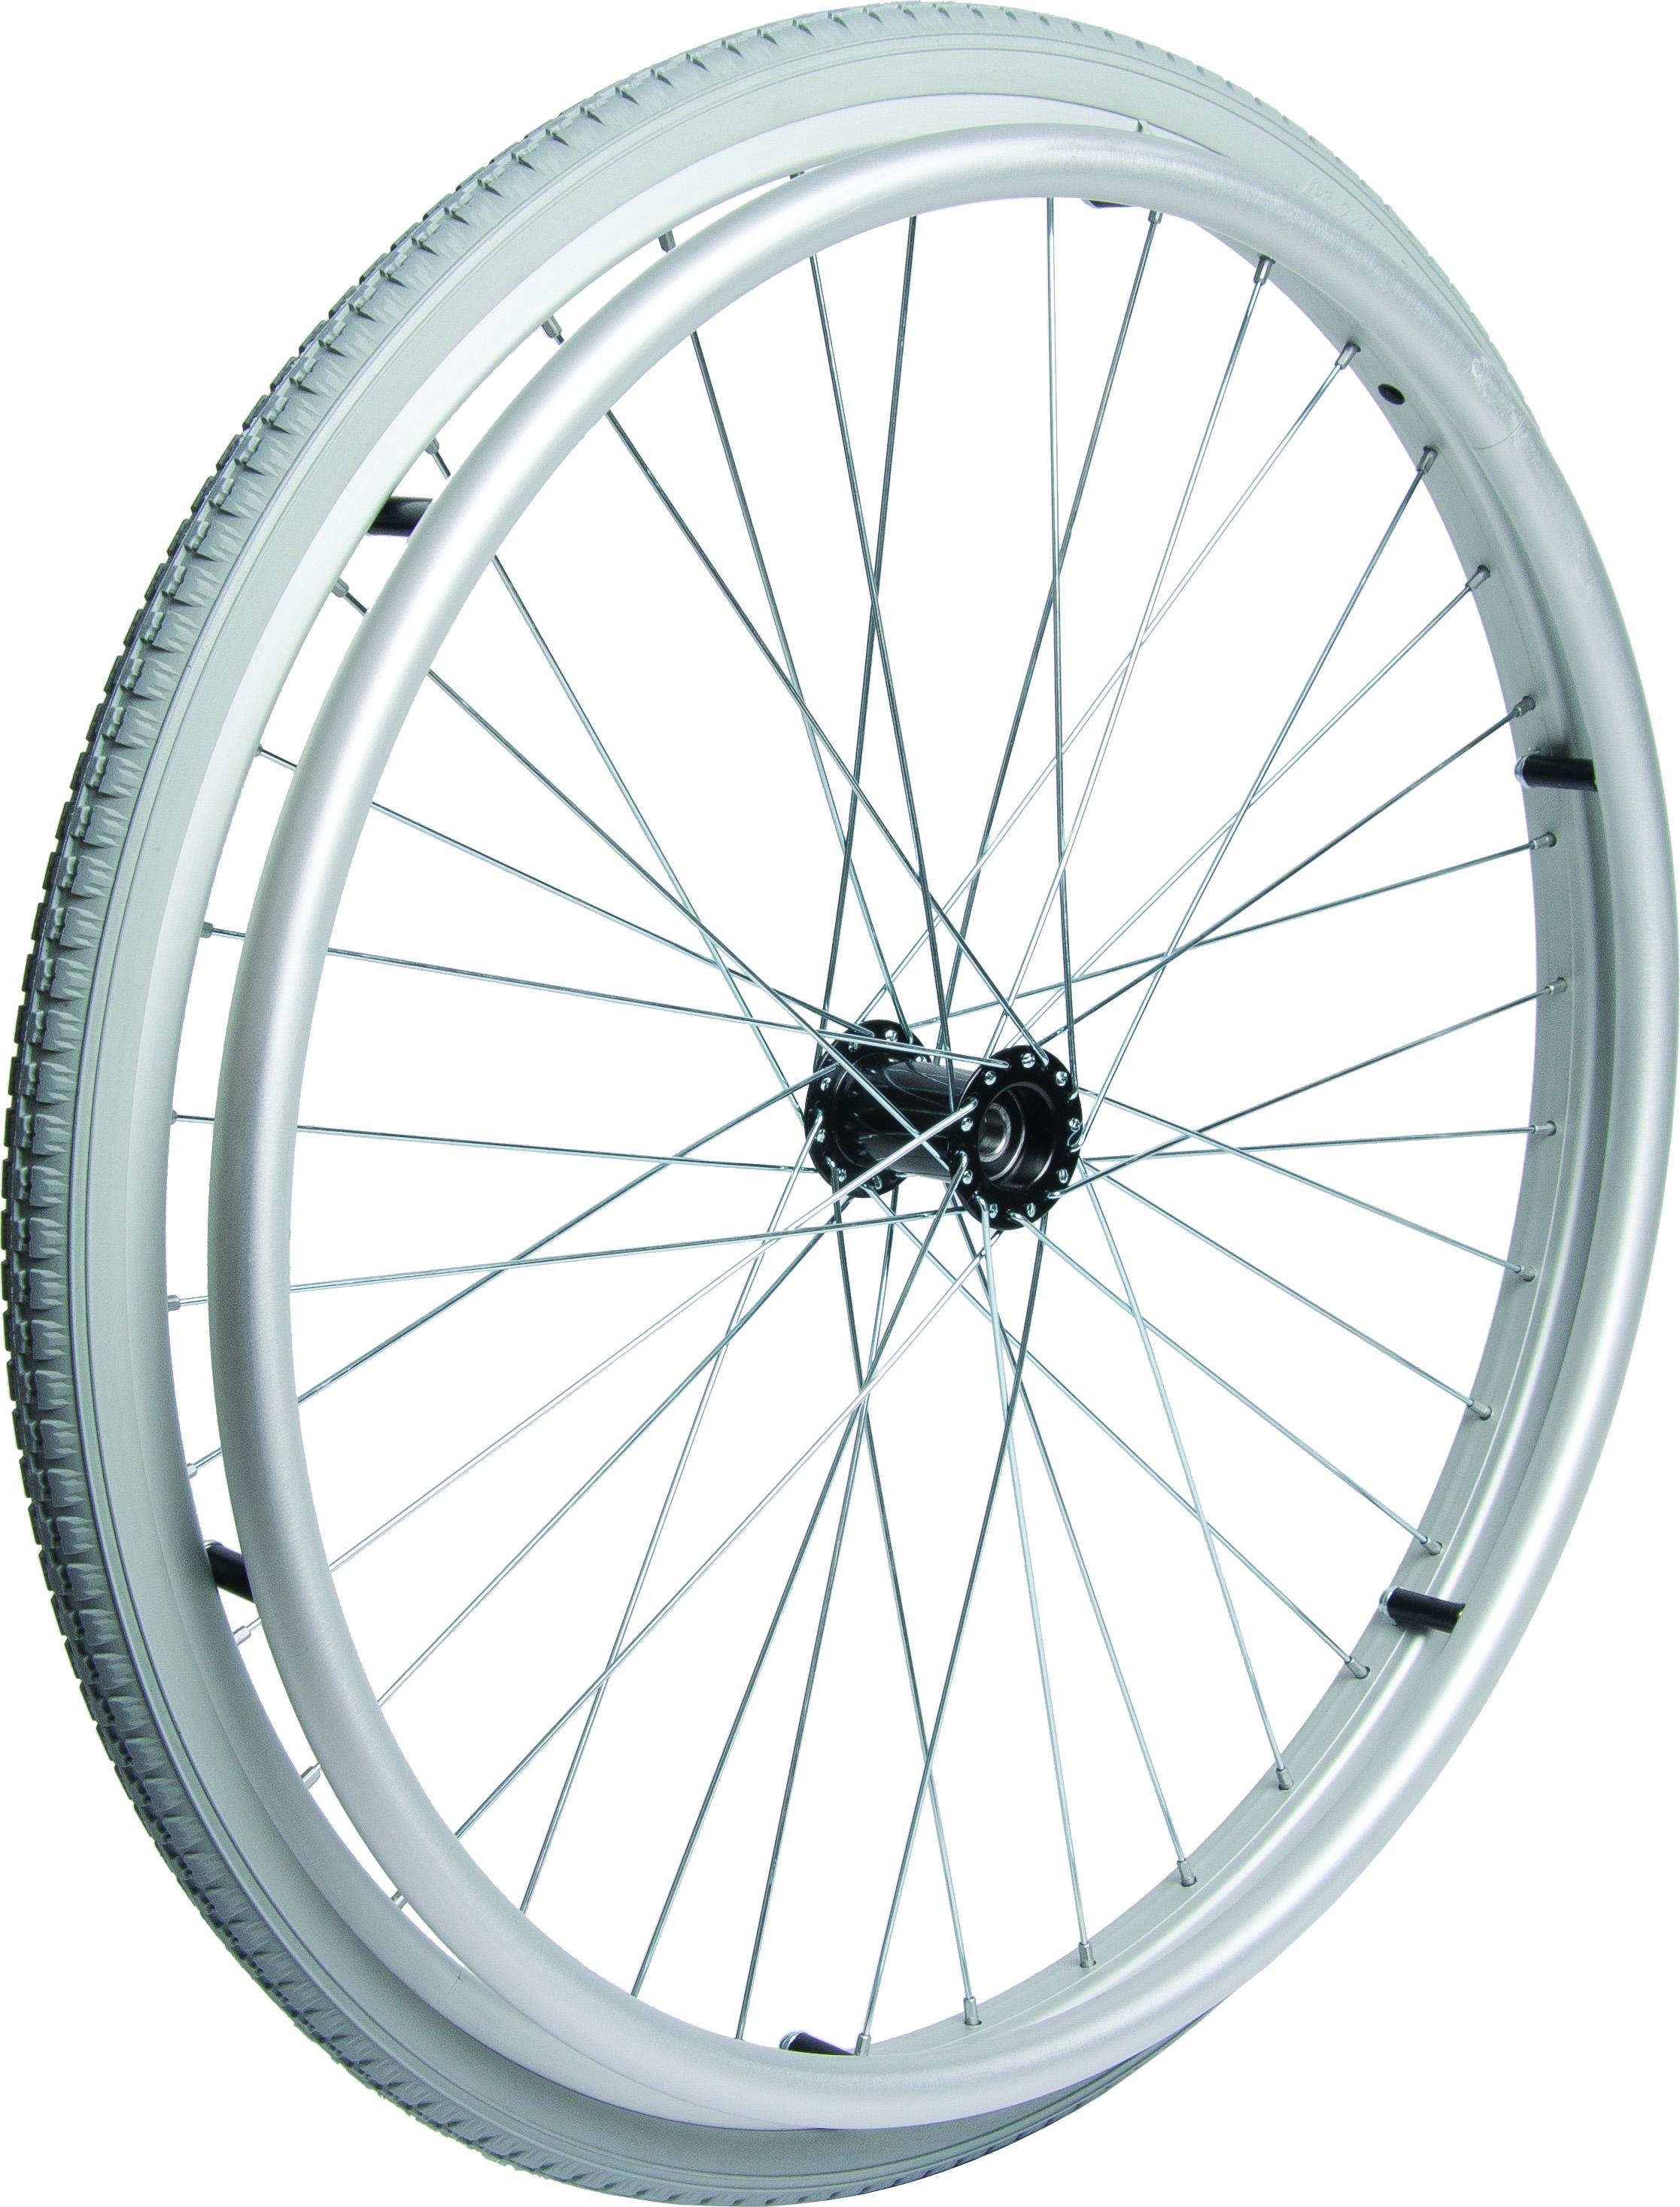 Komplet baghjul med dæk og drivring (20